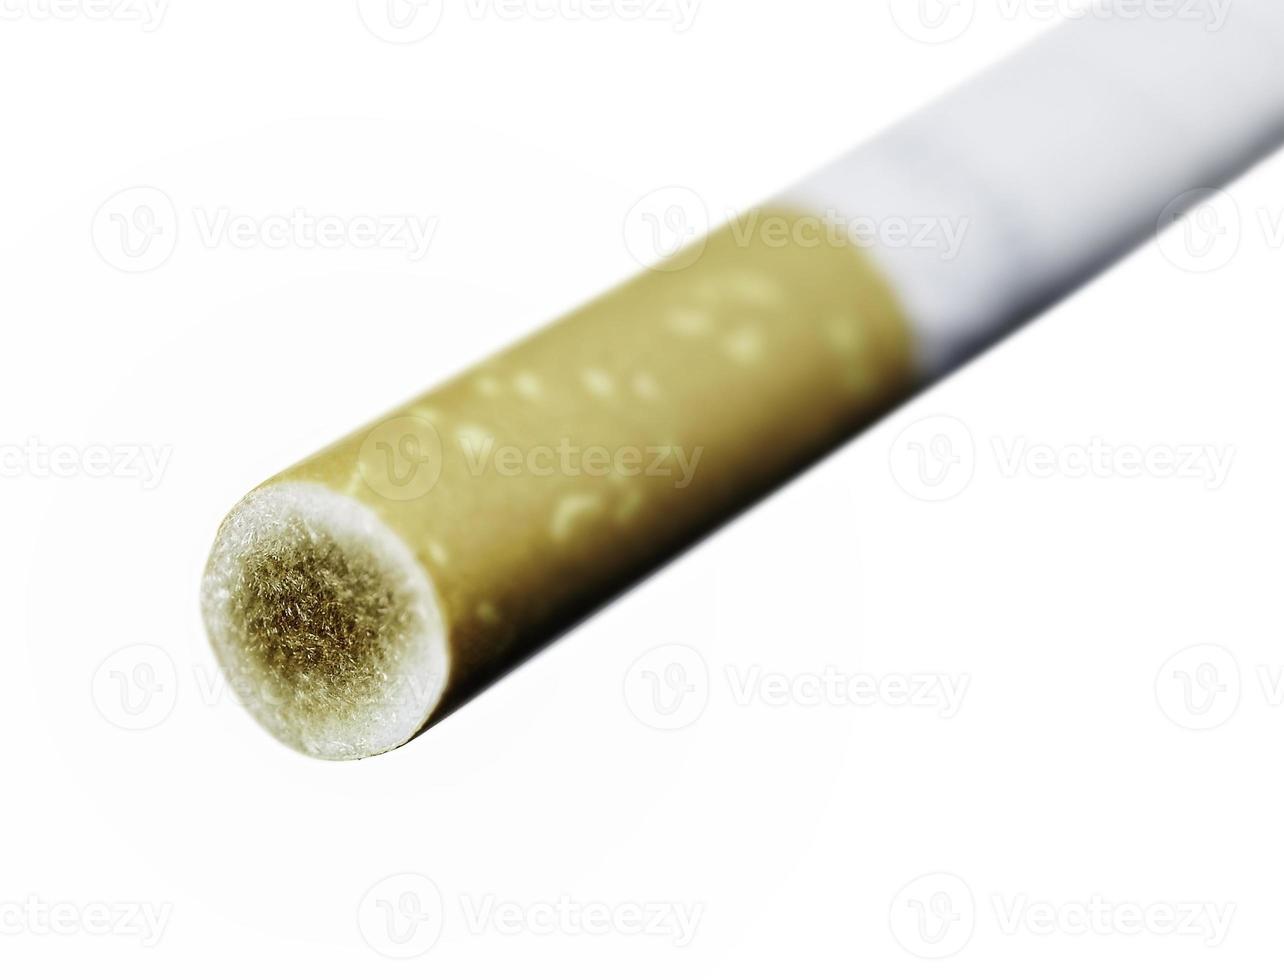 filtro alla nicotina foto